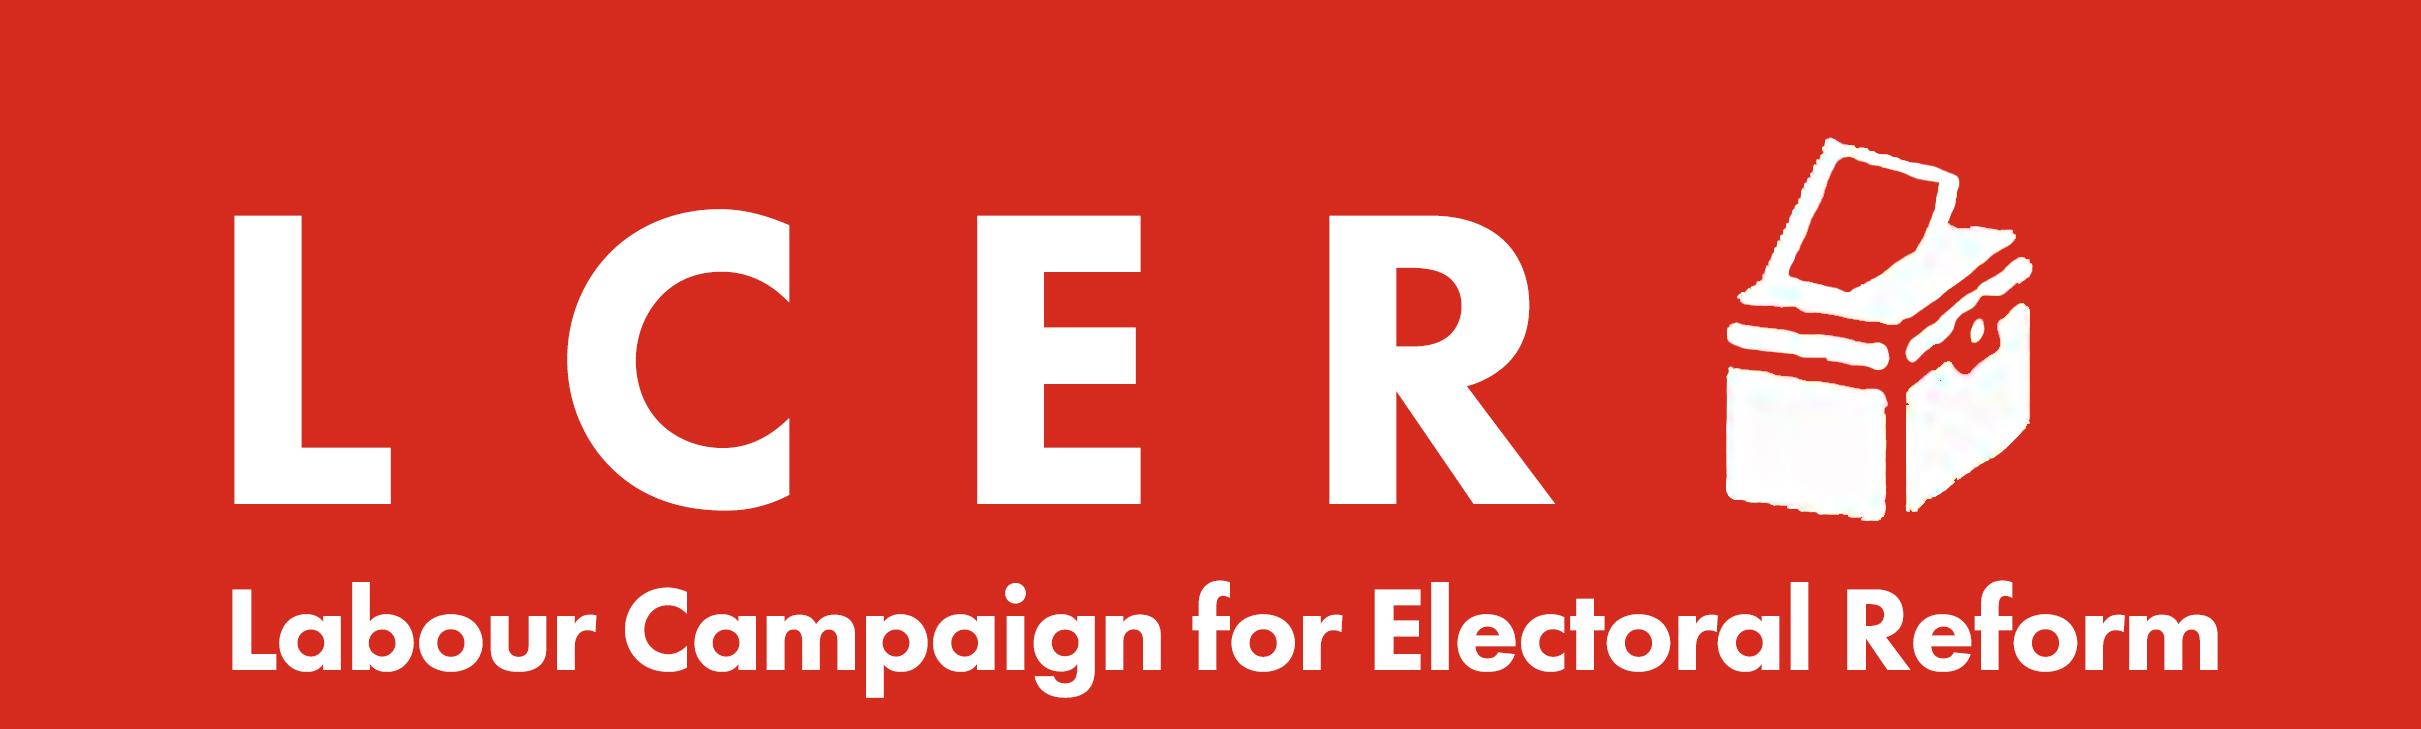 LCER logo.jpg